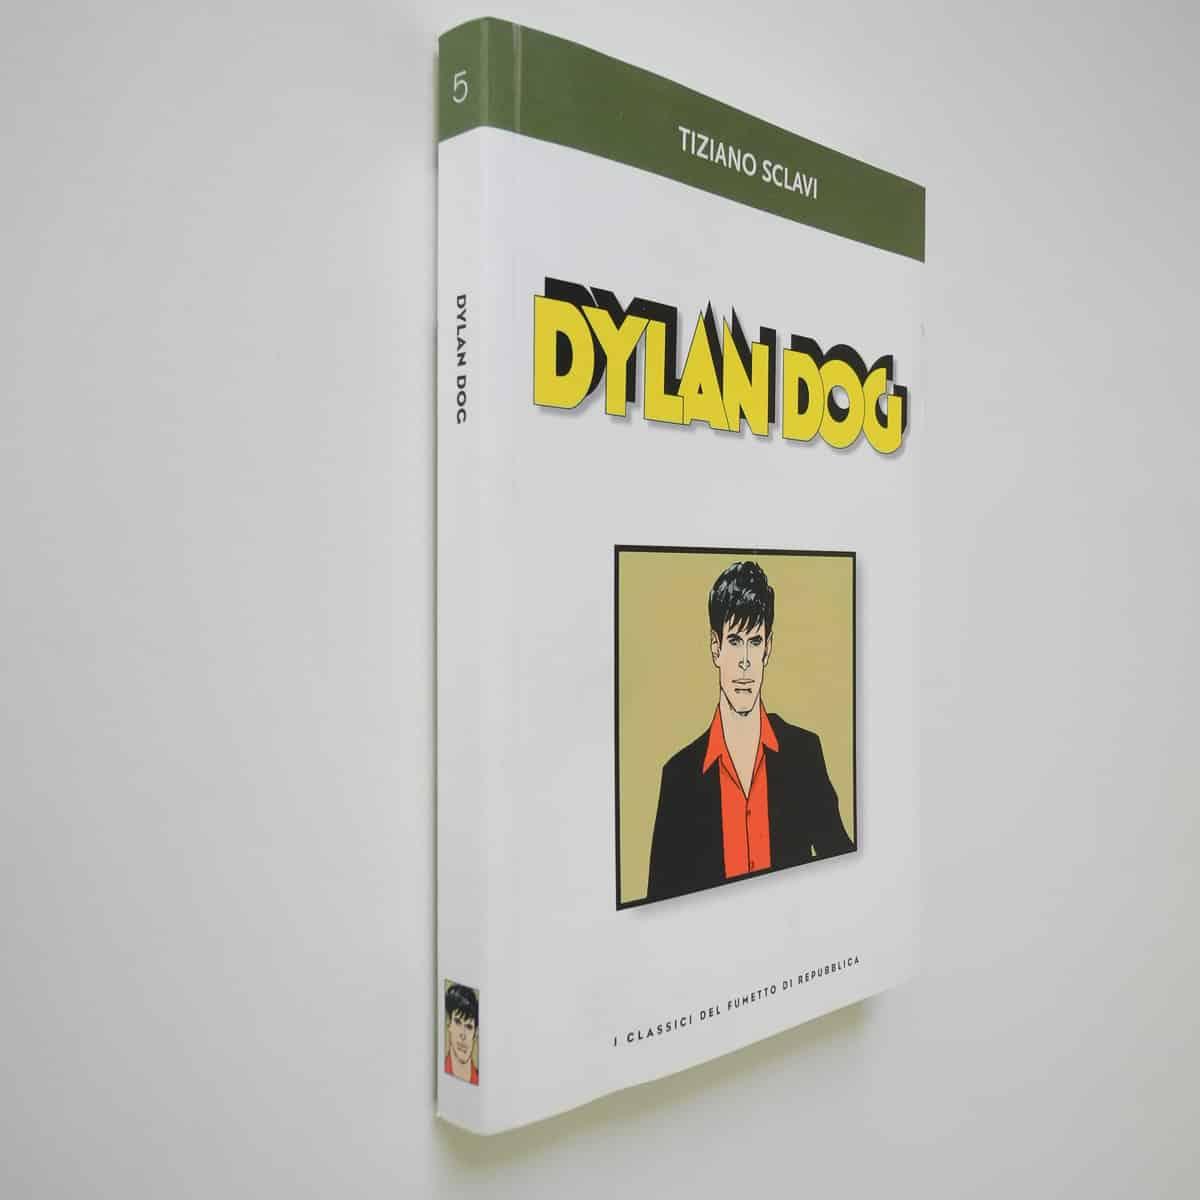 Dylan Dog I Classici del Fumetto n. 5 Repubblica